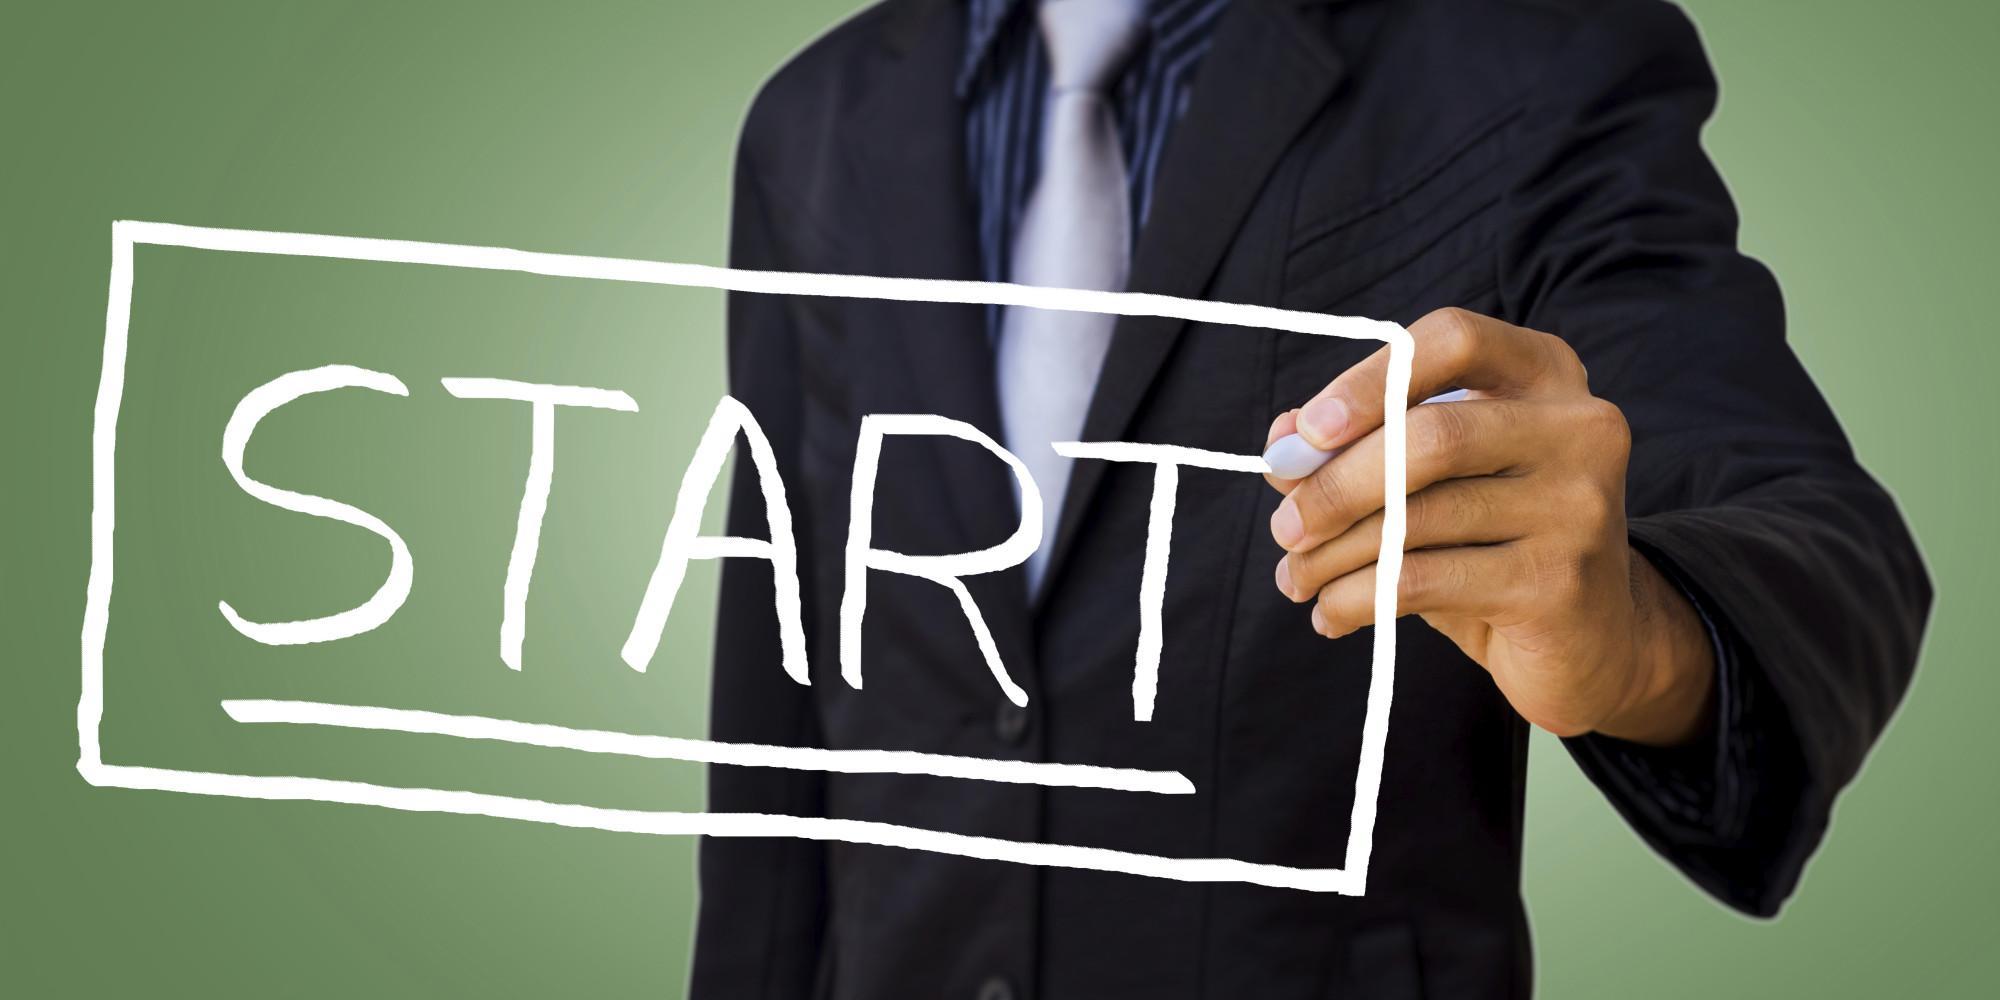 С чего начать открытие бизнеса? Моменты, которые не следует упускать из вида